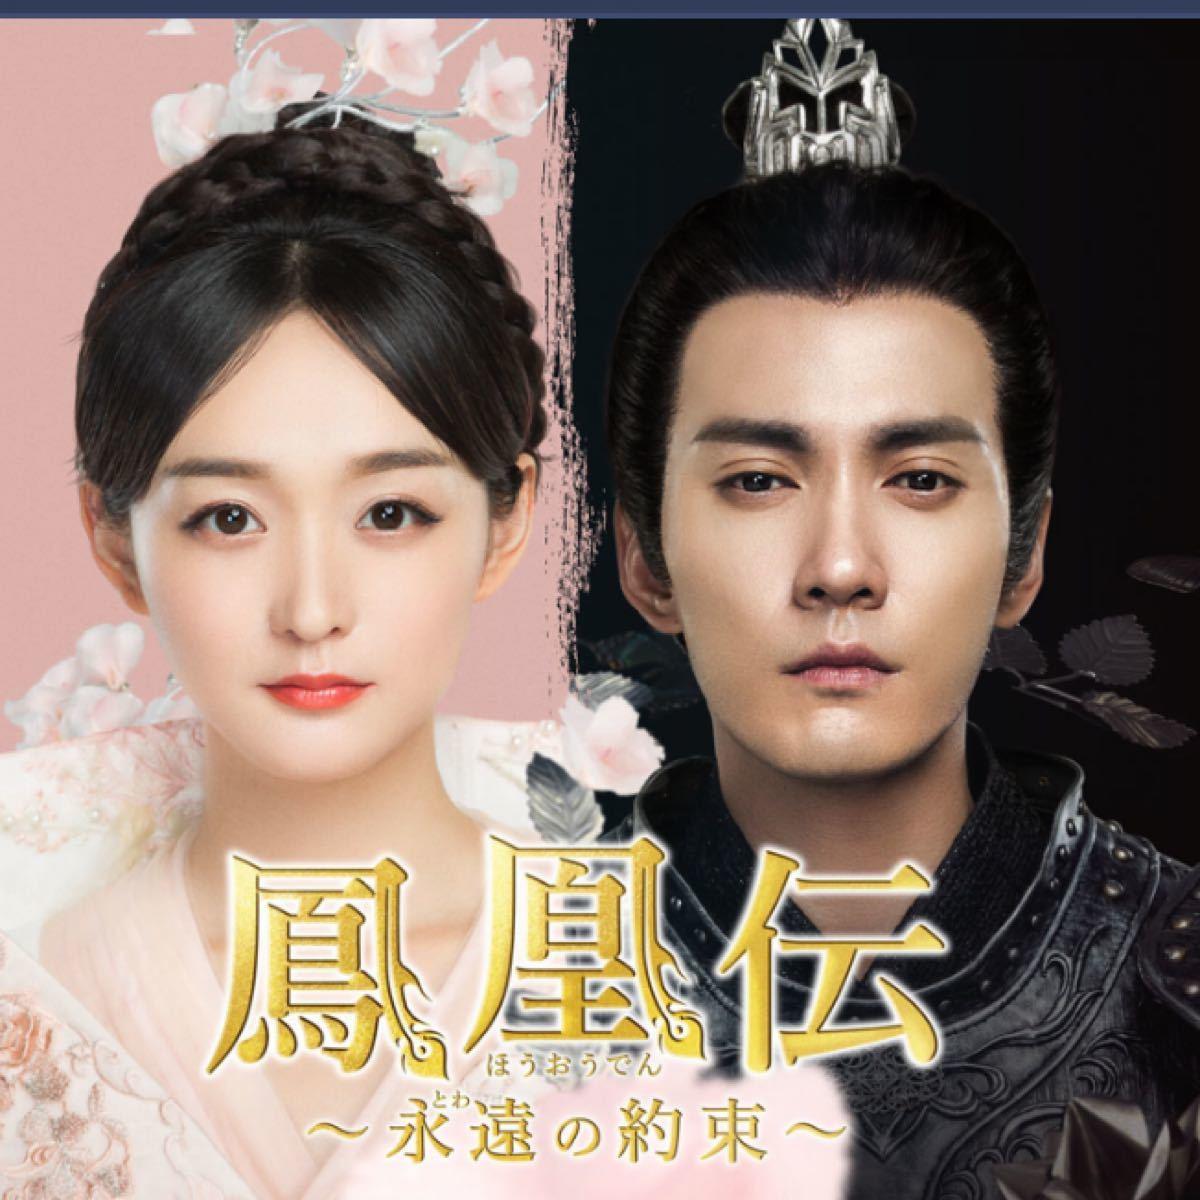 中国ドラマ「鳳凰伝-永遠の約束-」 BluRay全話